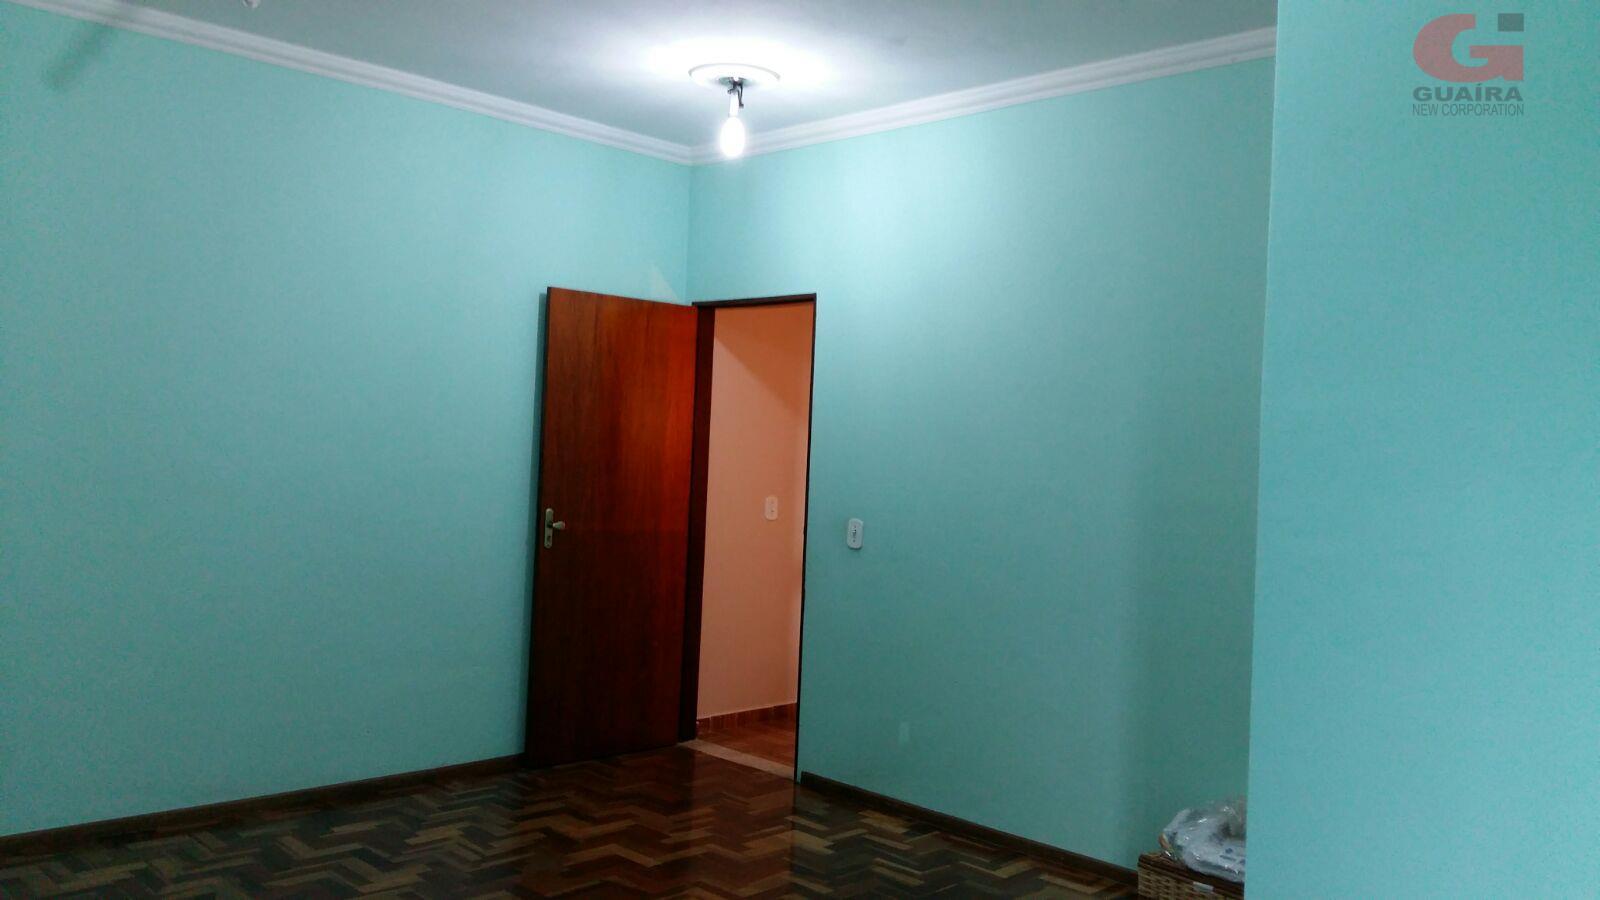 Sobrado de 2 dormitórios em Jardim Estrela, Mauá - SP